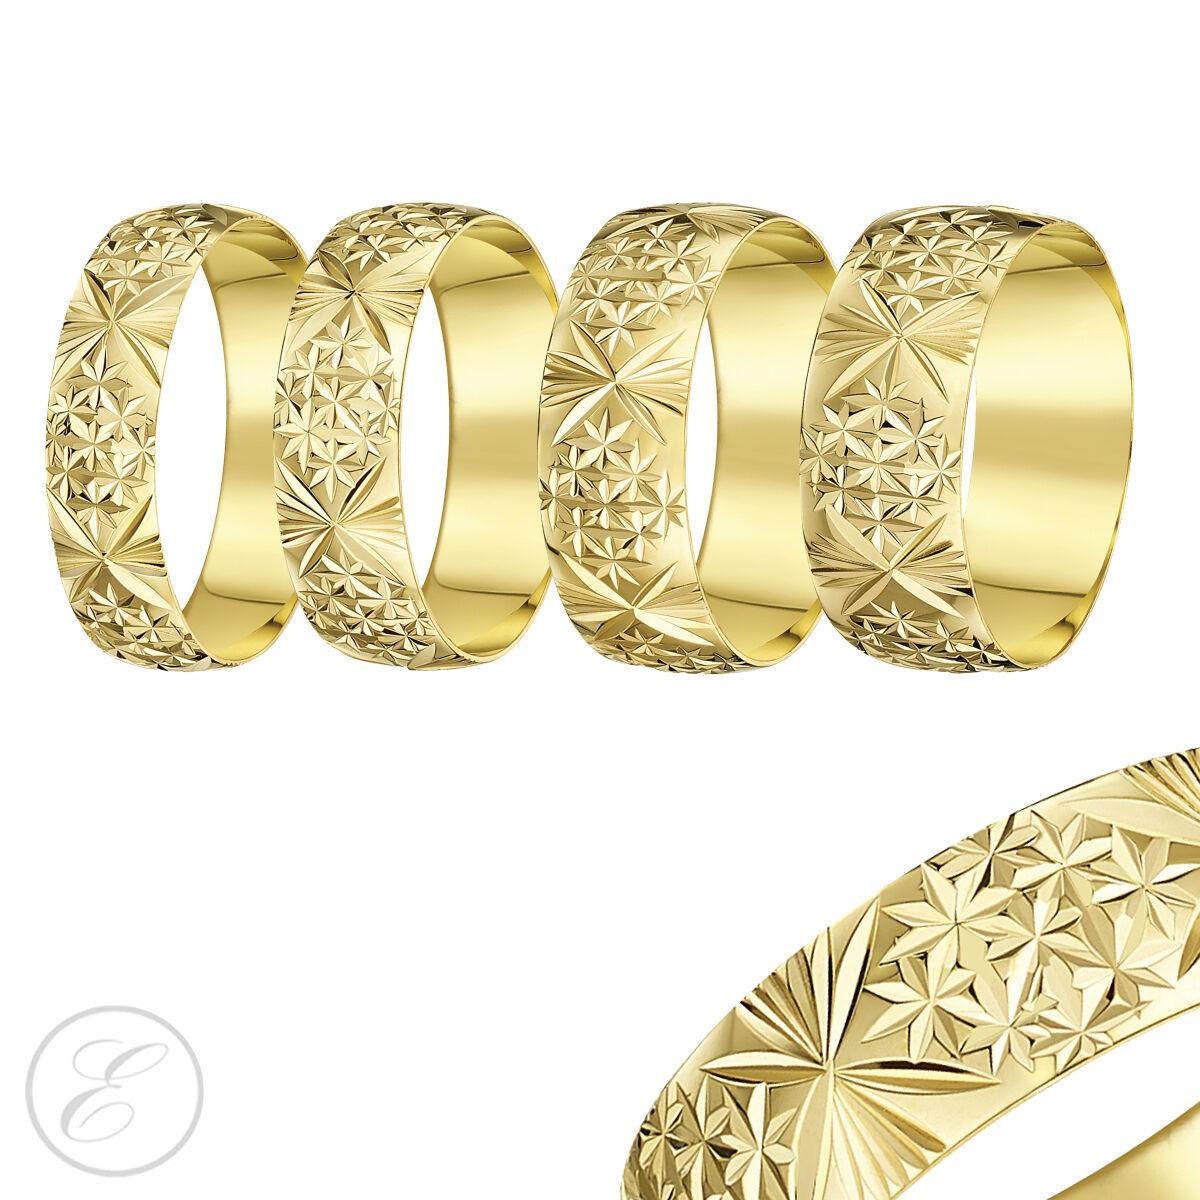 18CT Anillo gold yellow Peso Pesado Forma ' Corte ' size Diamante Alianza